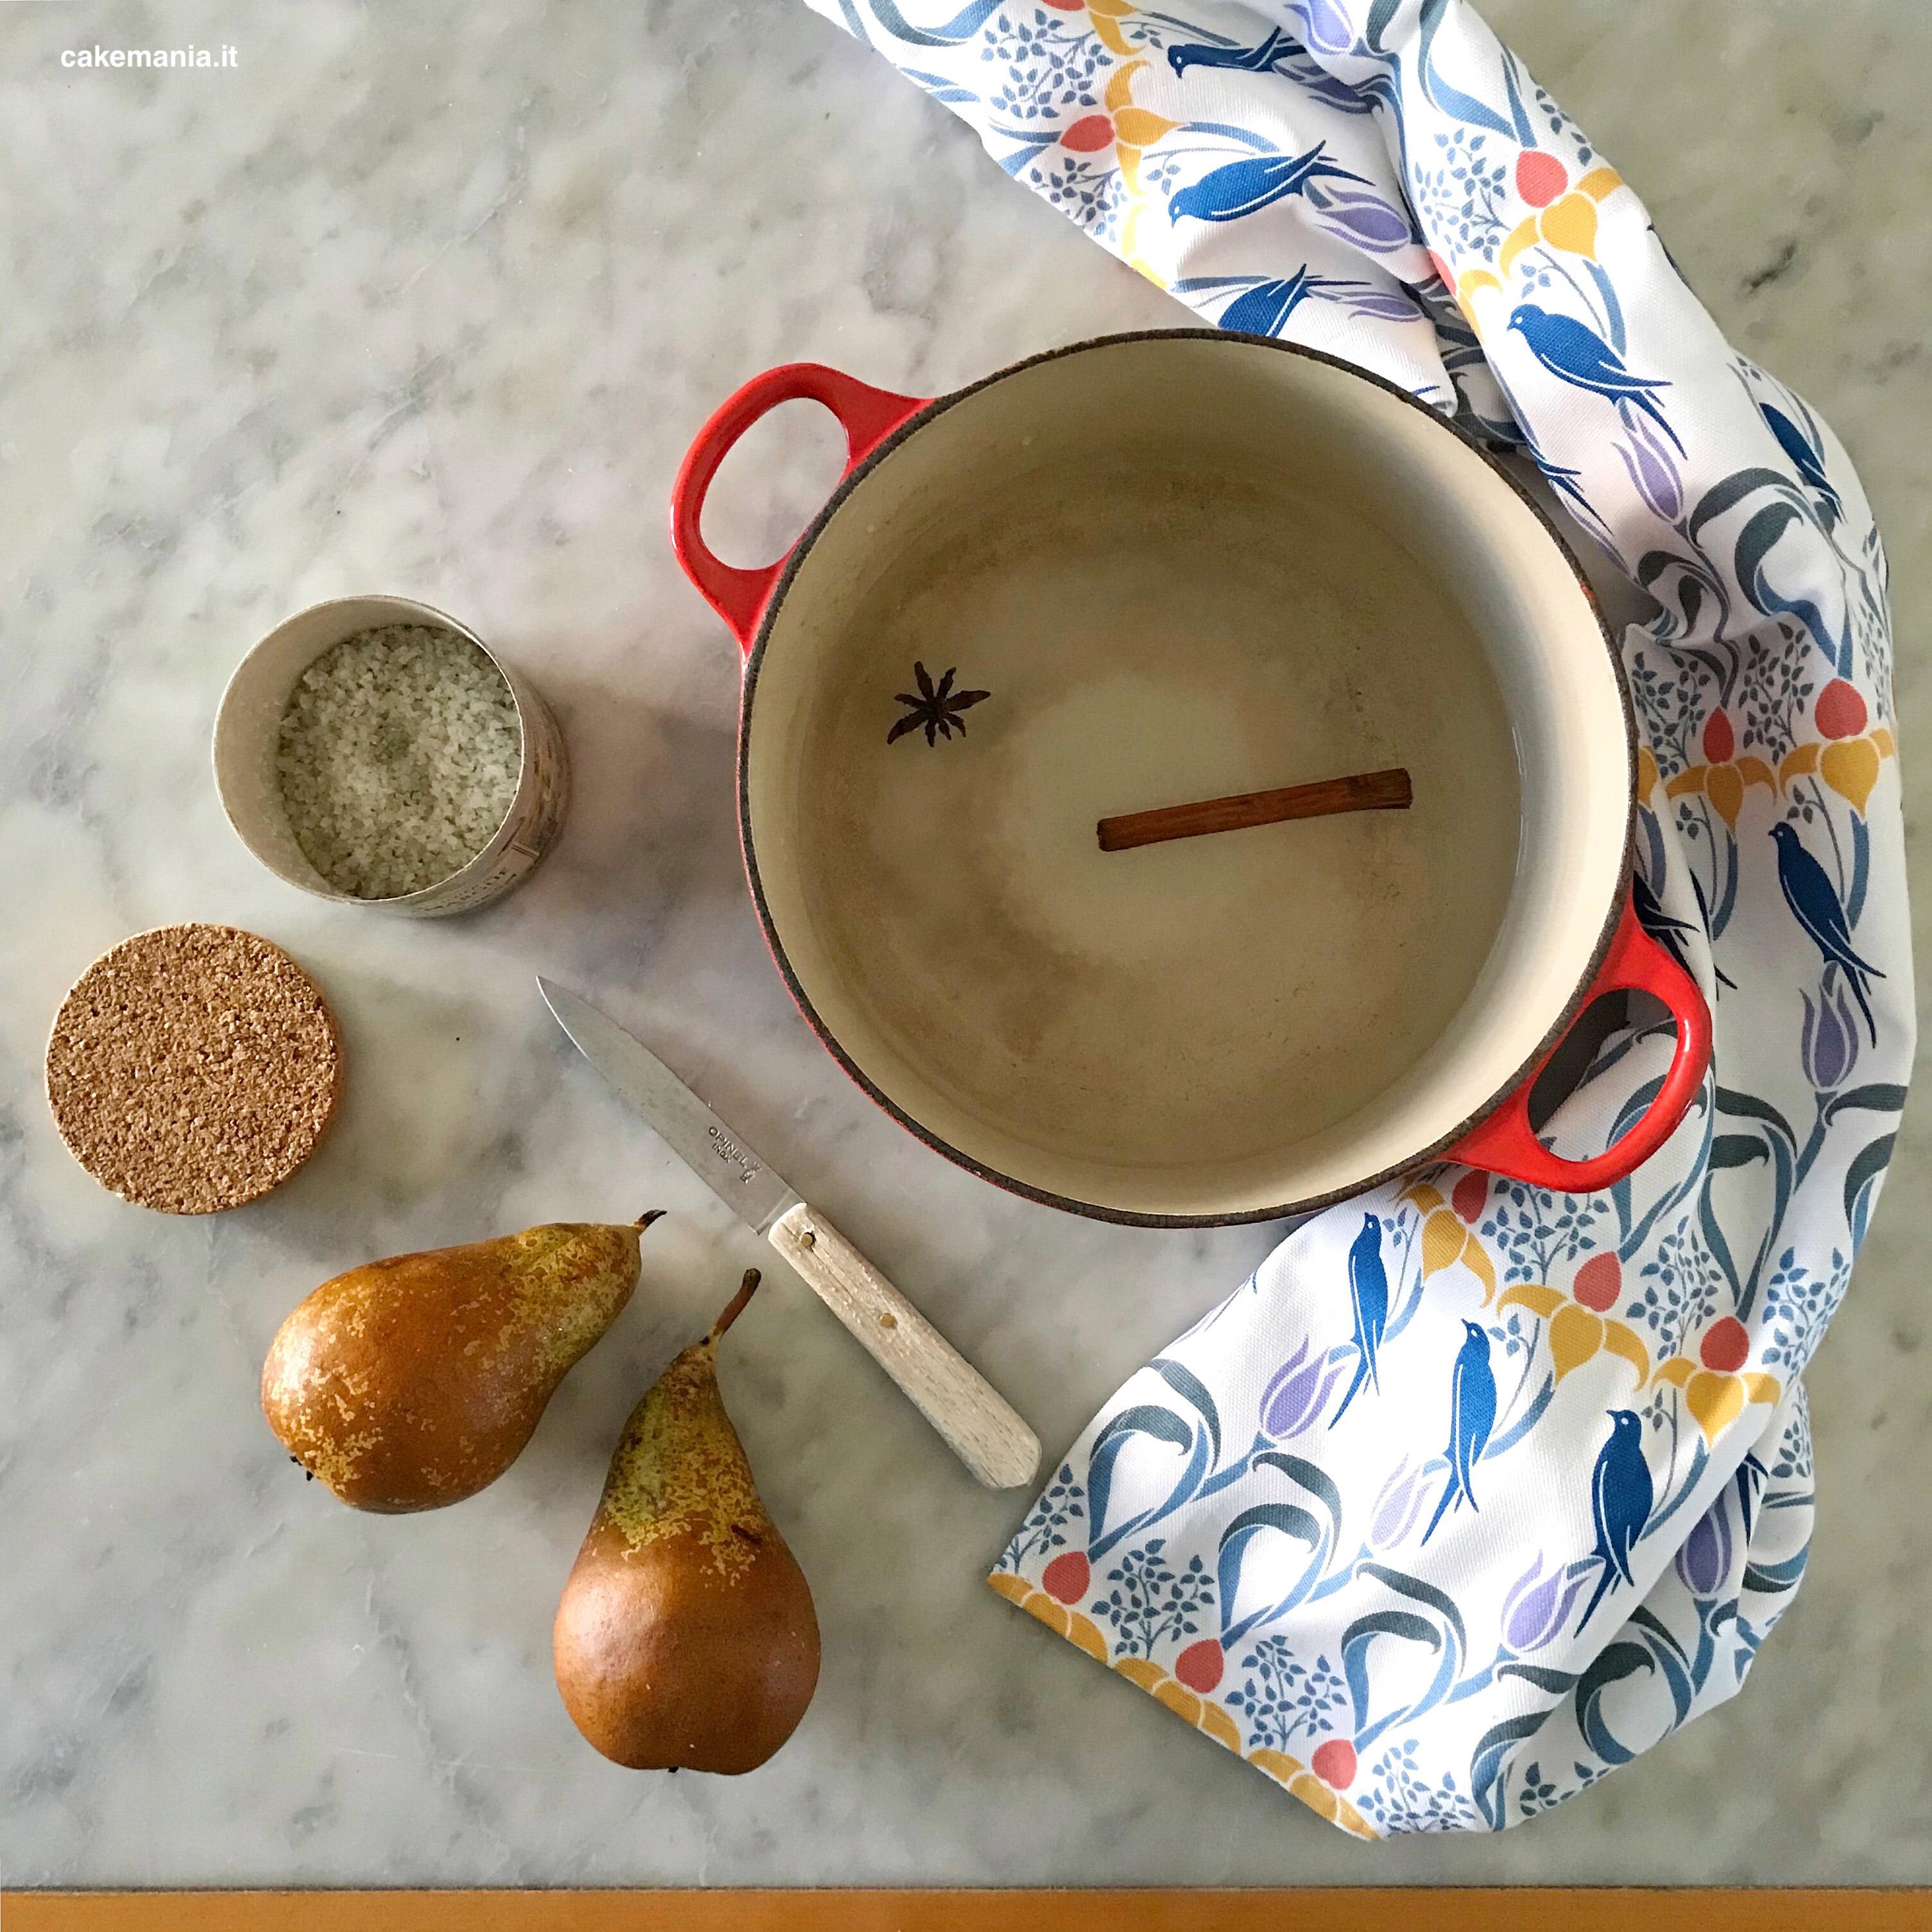 pere cotte ricetta facile